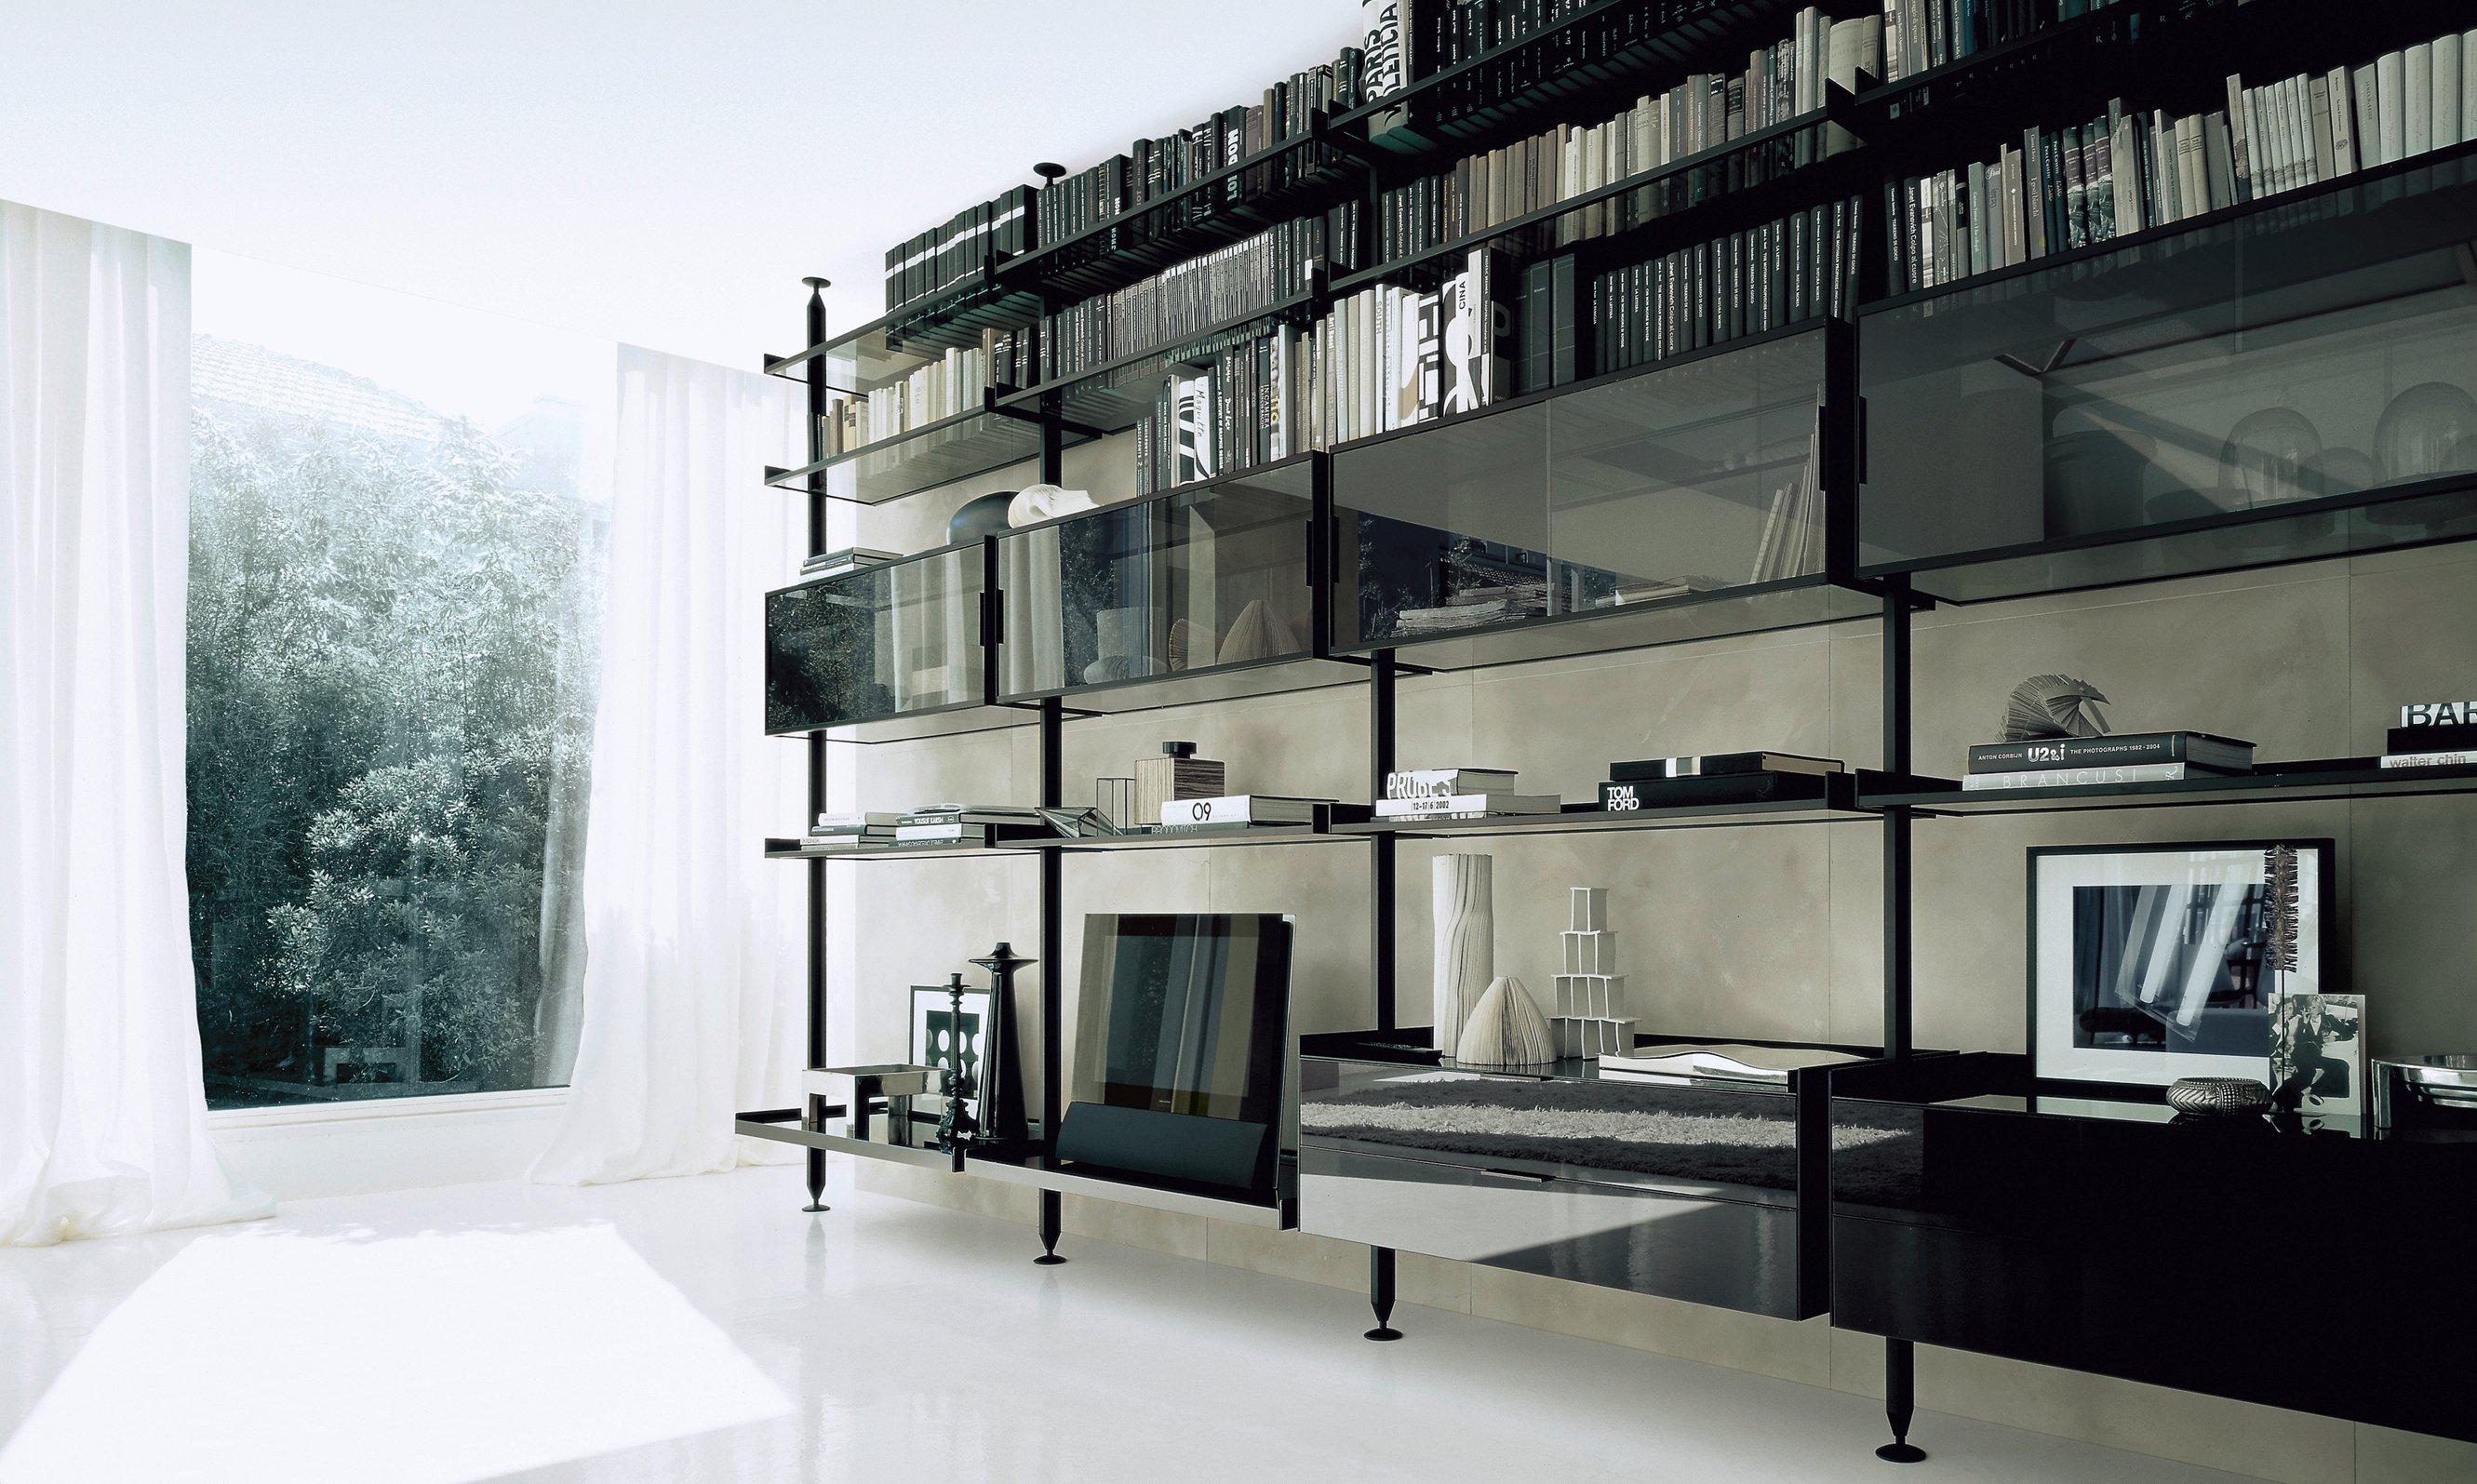 Rimadesio zenit libreria cose di casa - Rimadesio mobili ...